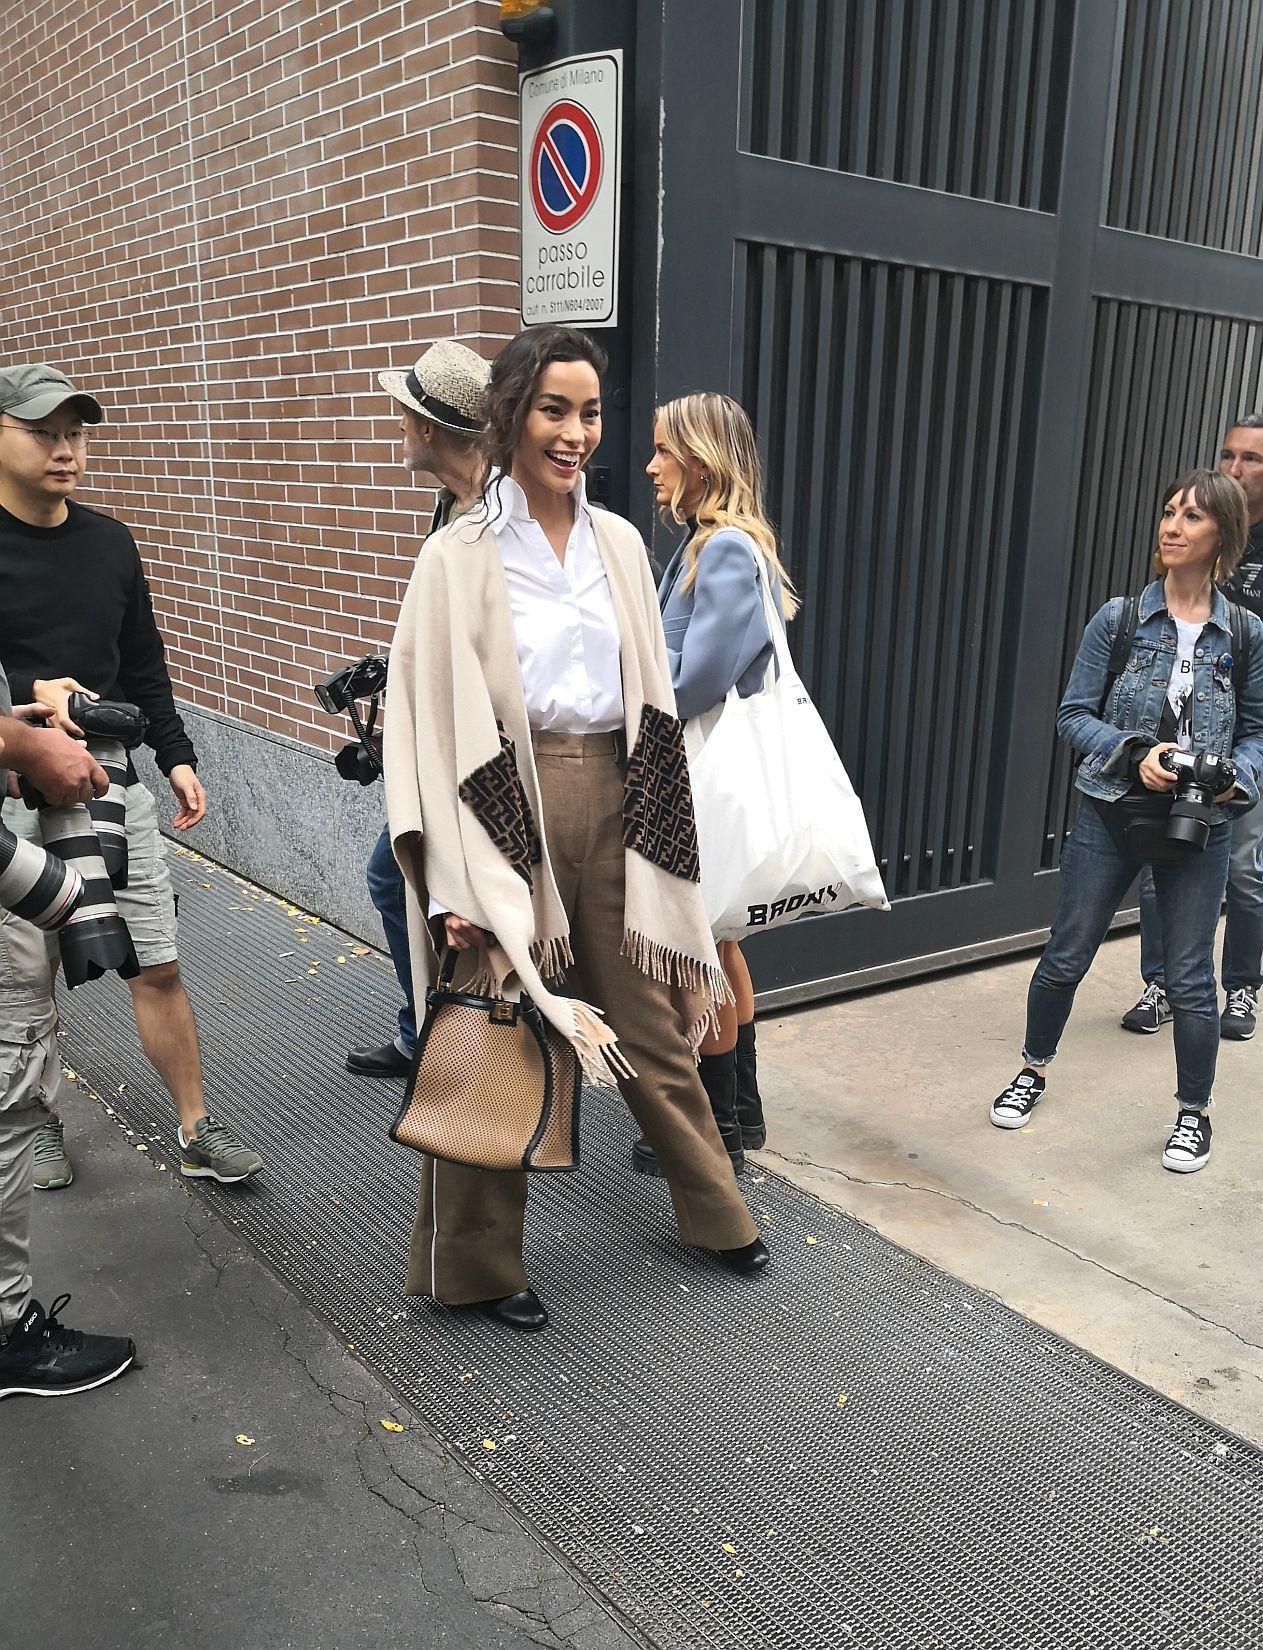 Fendi_Milan-Fashion-Week_street-style_spring-2020_september-2019_05